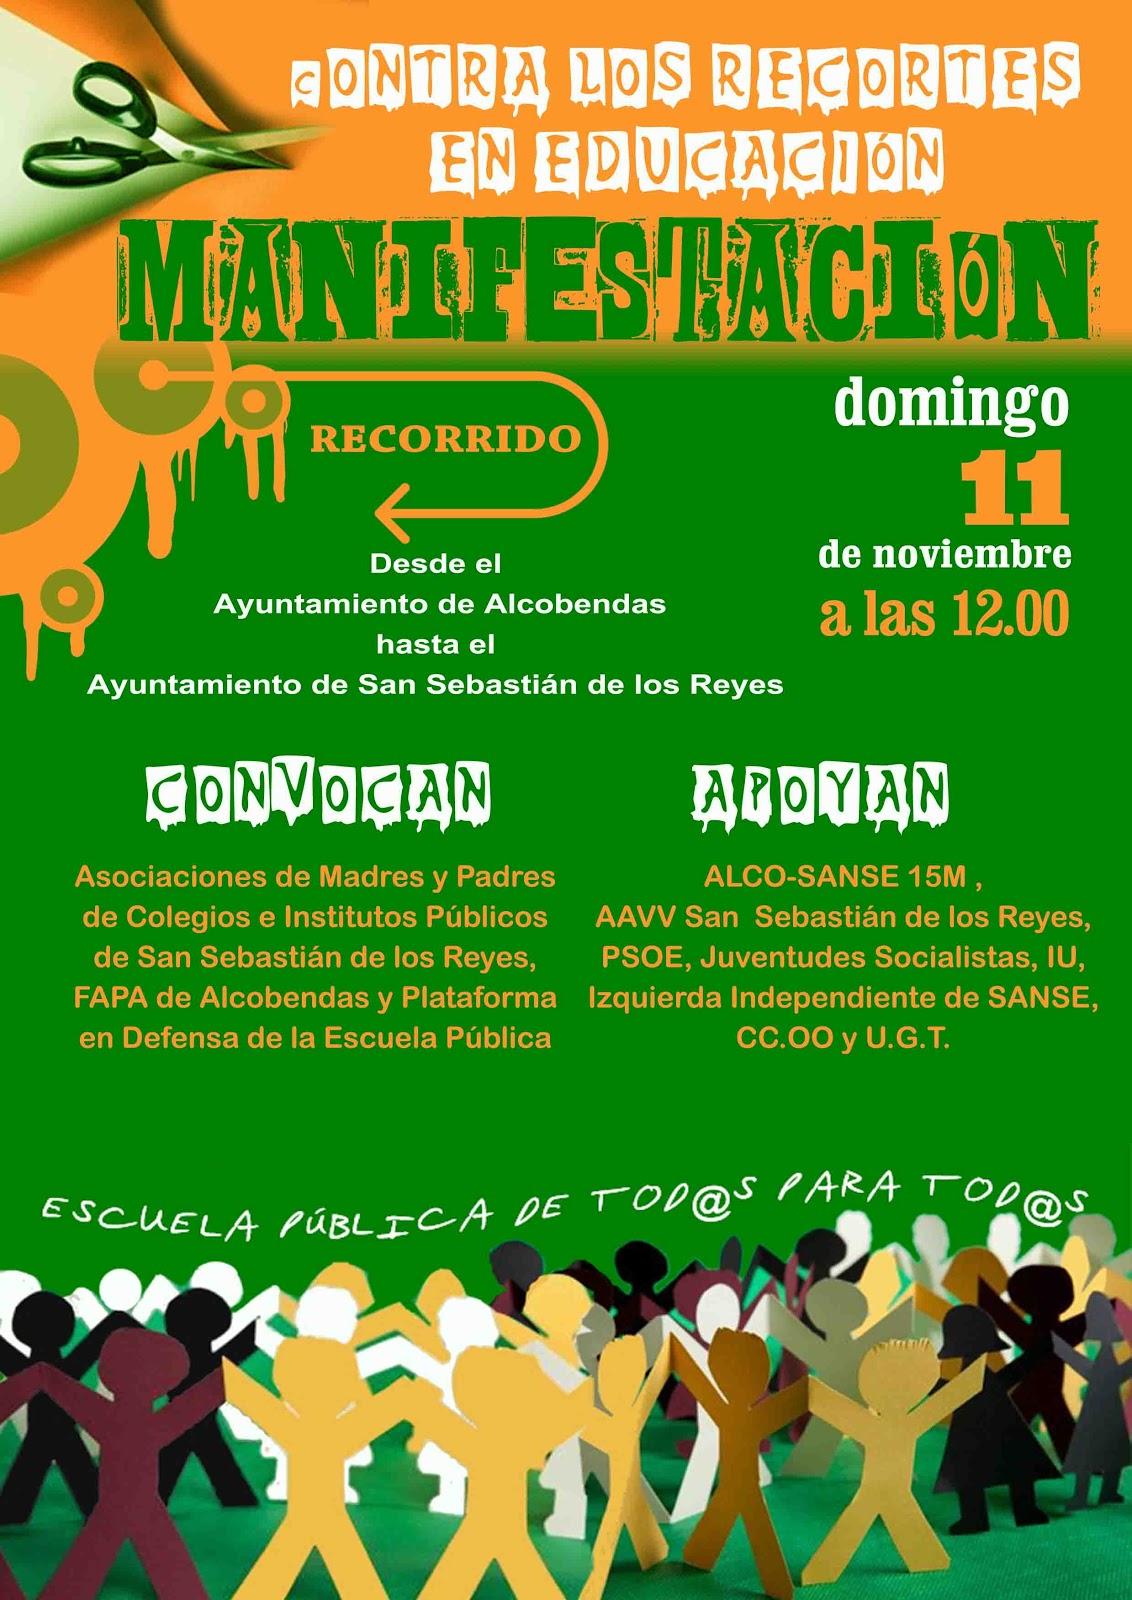 Fapa alcobendas noviembre 2012 for Trabajo en alcobendas y san sebastian de los reyes